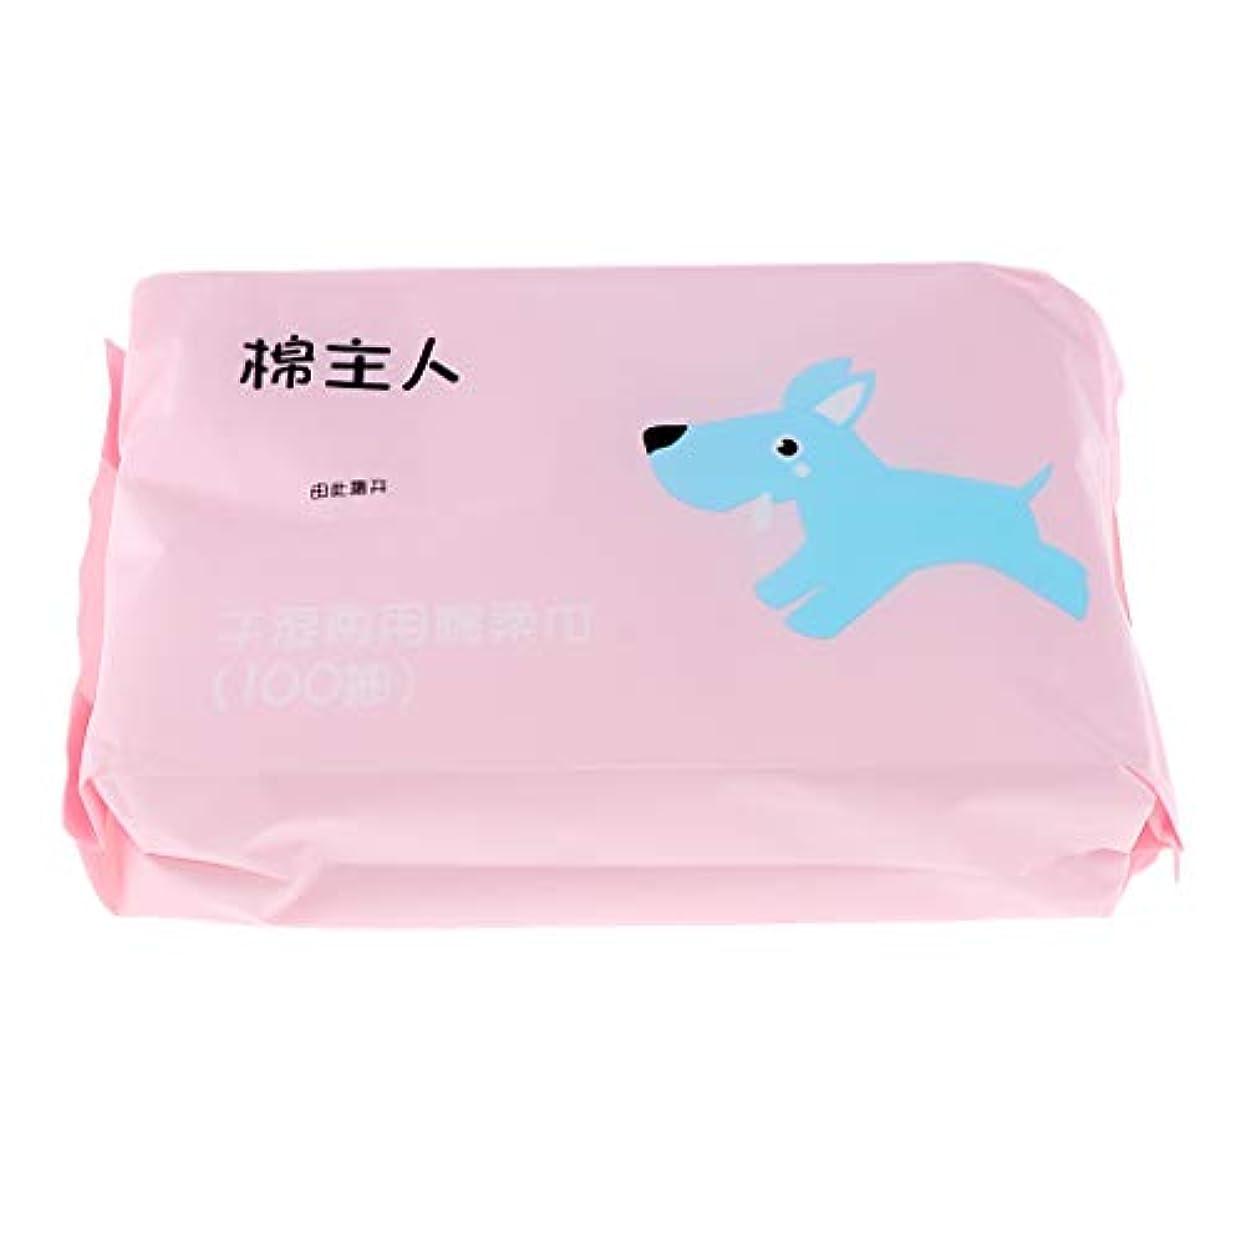 ベットヒント頑丈約100枚 使い捨て クレンジングシート ソフト 便利 スキンケア 2色選べ - ピンク